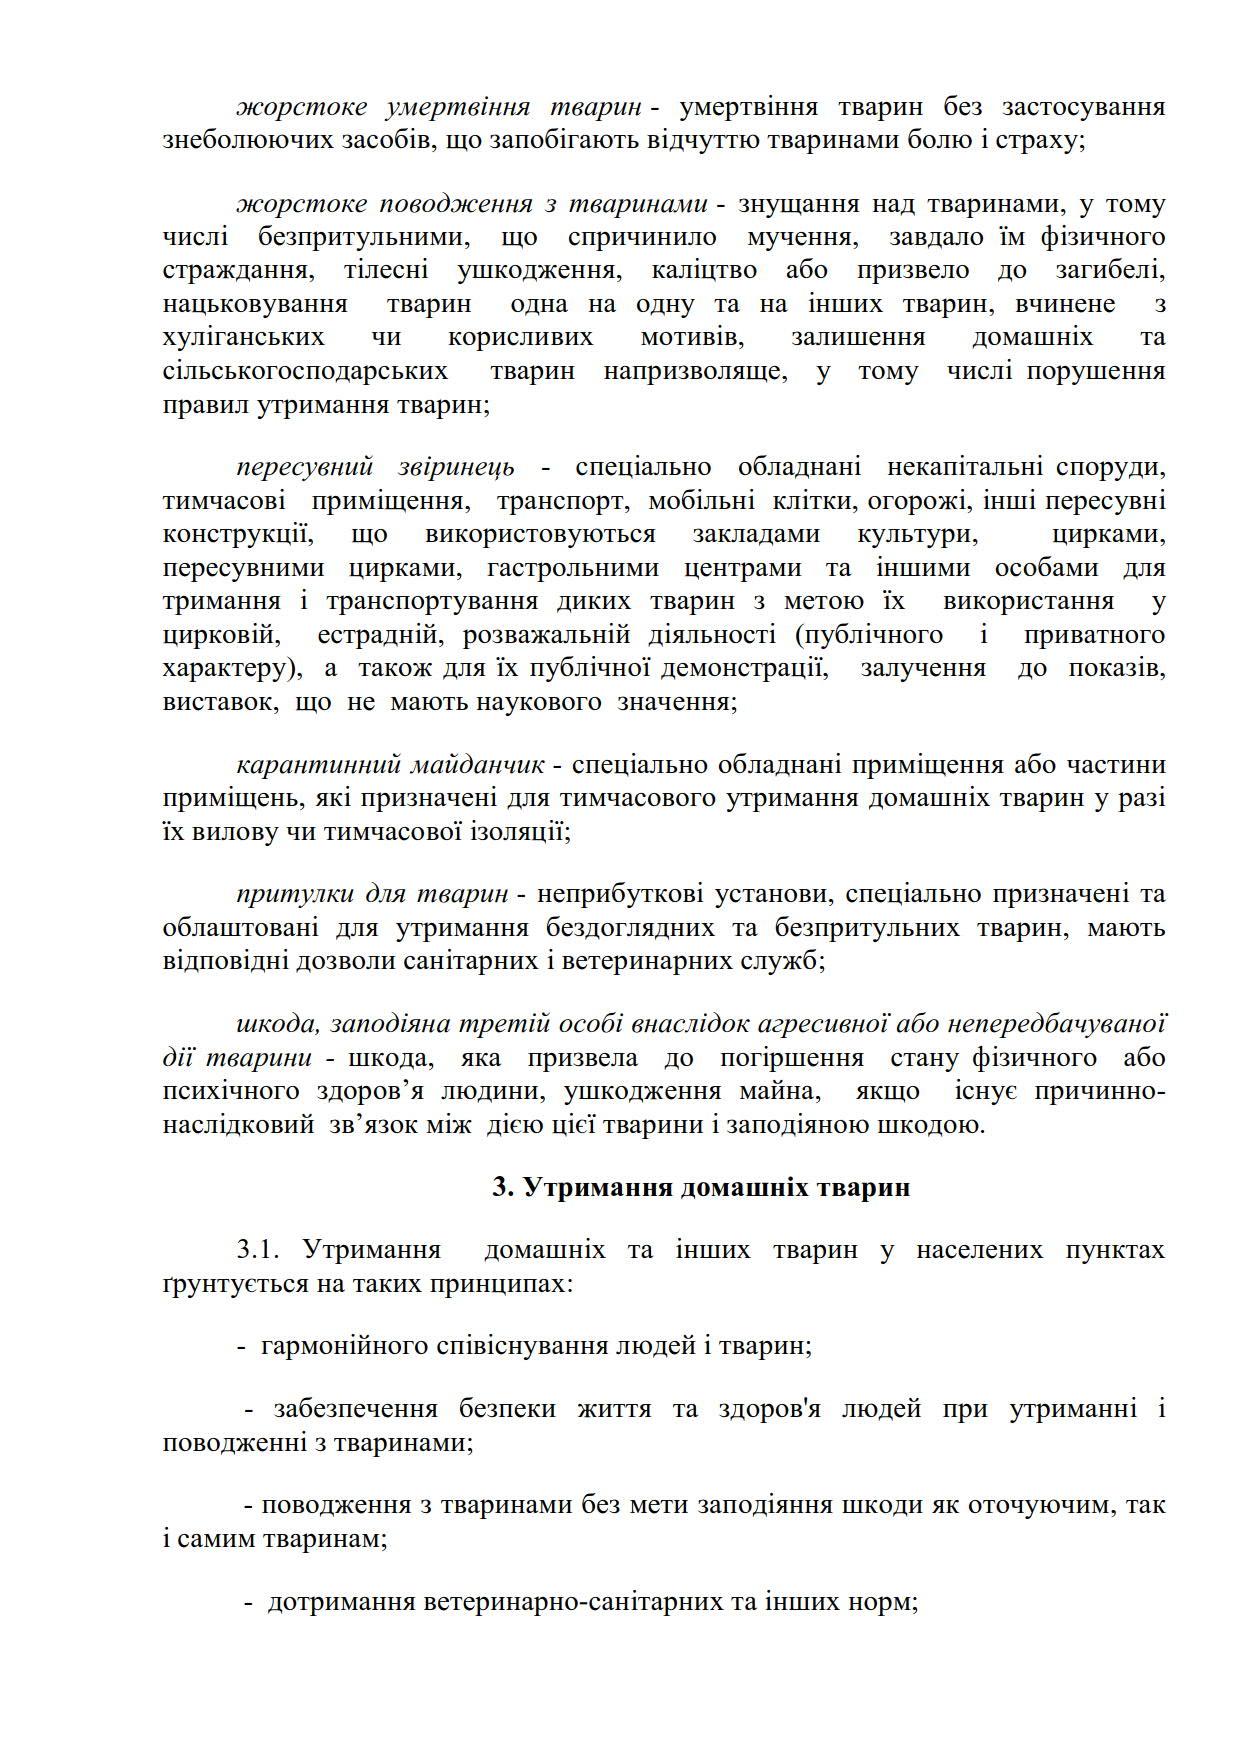 Правила утримання домашніх тварин коломак нов_05